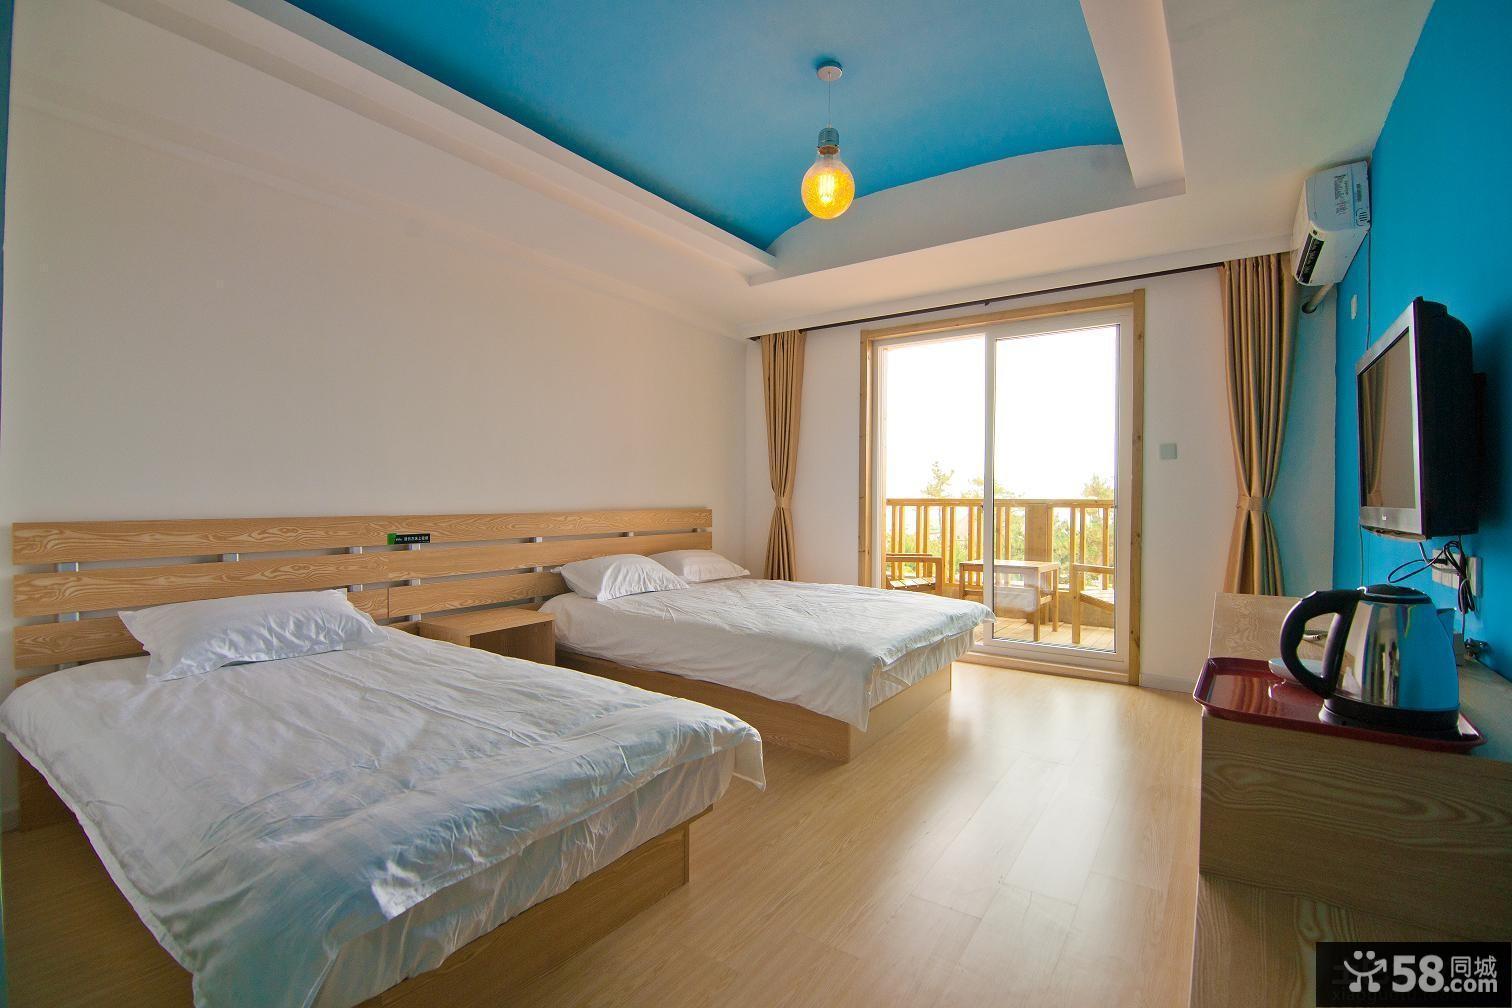 卧室榻榻米床装修效果图片